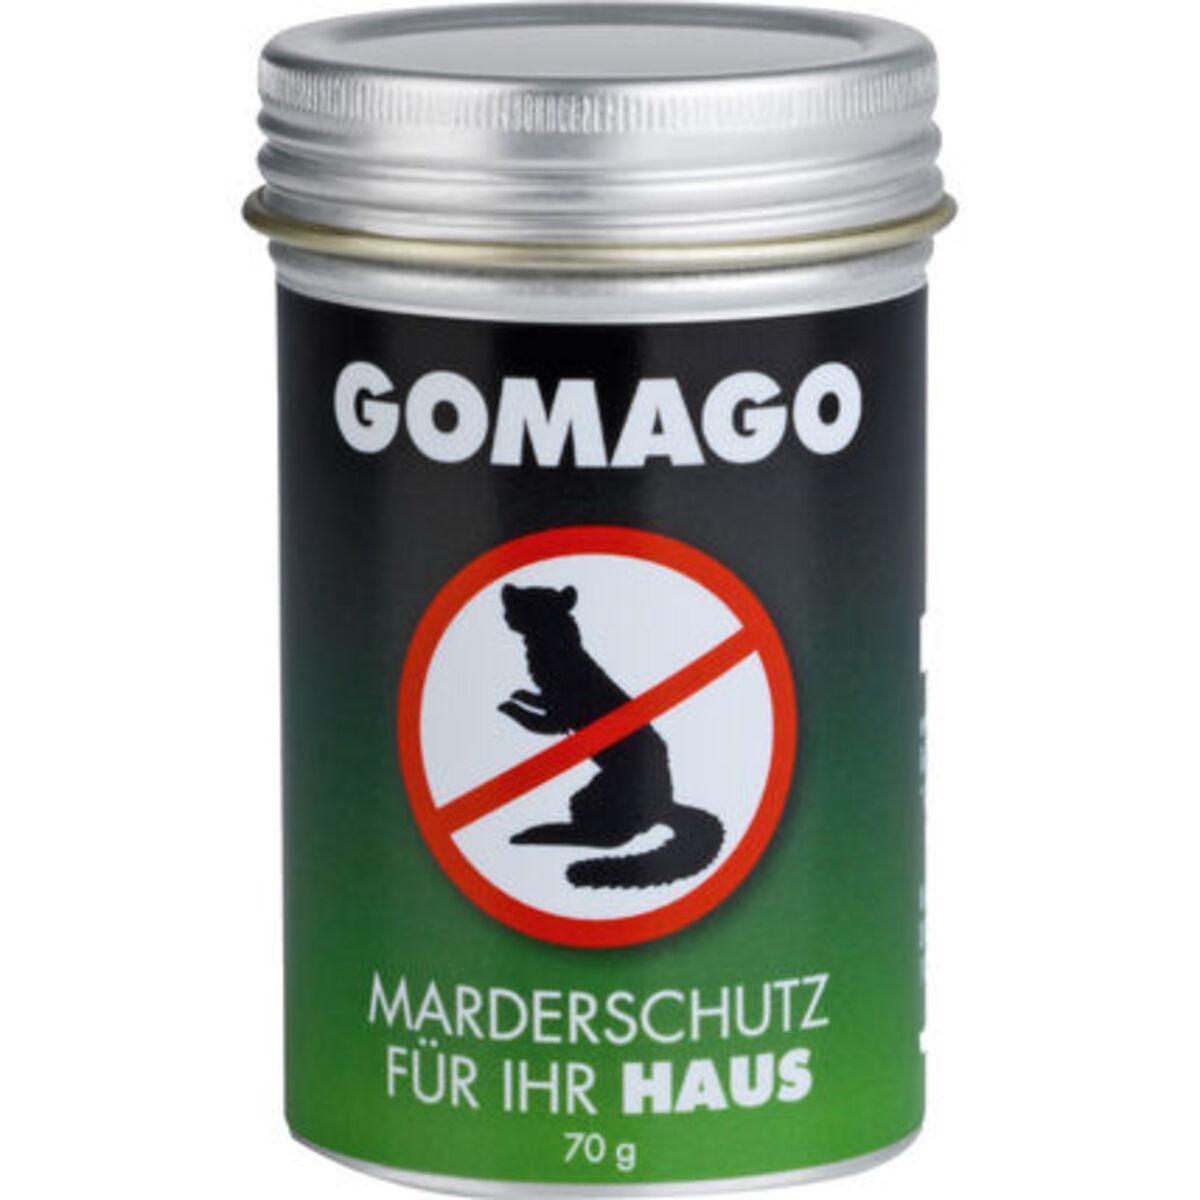 Bild 1 von Gomago Mardervergrämung, Haus, 2er-Set 70 g